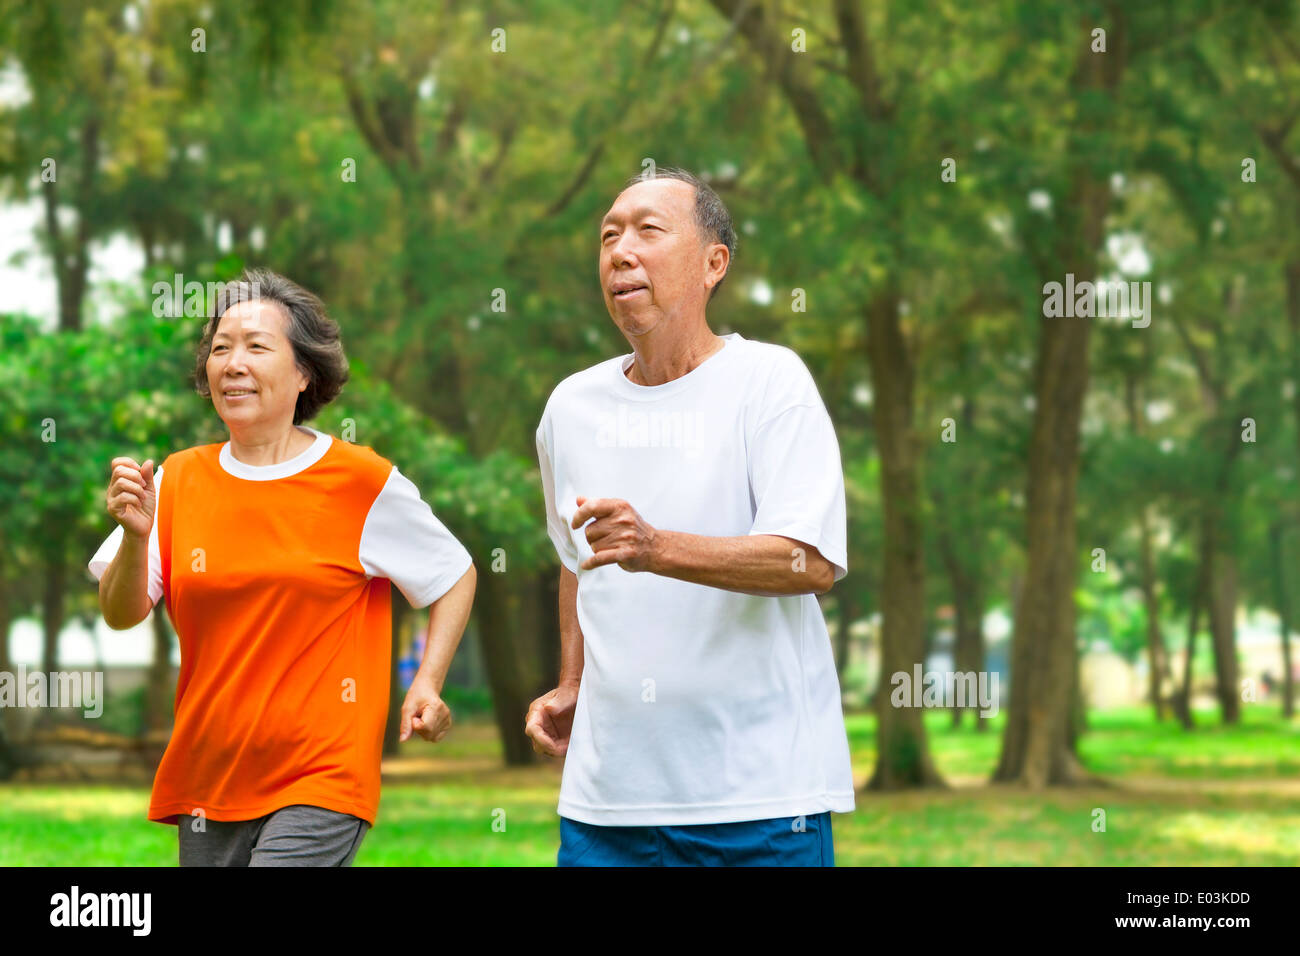 gerne älteres Paar zusammen laufen im park Stockbild